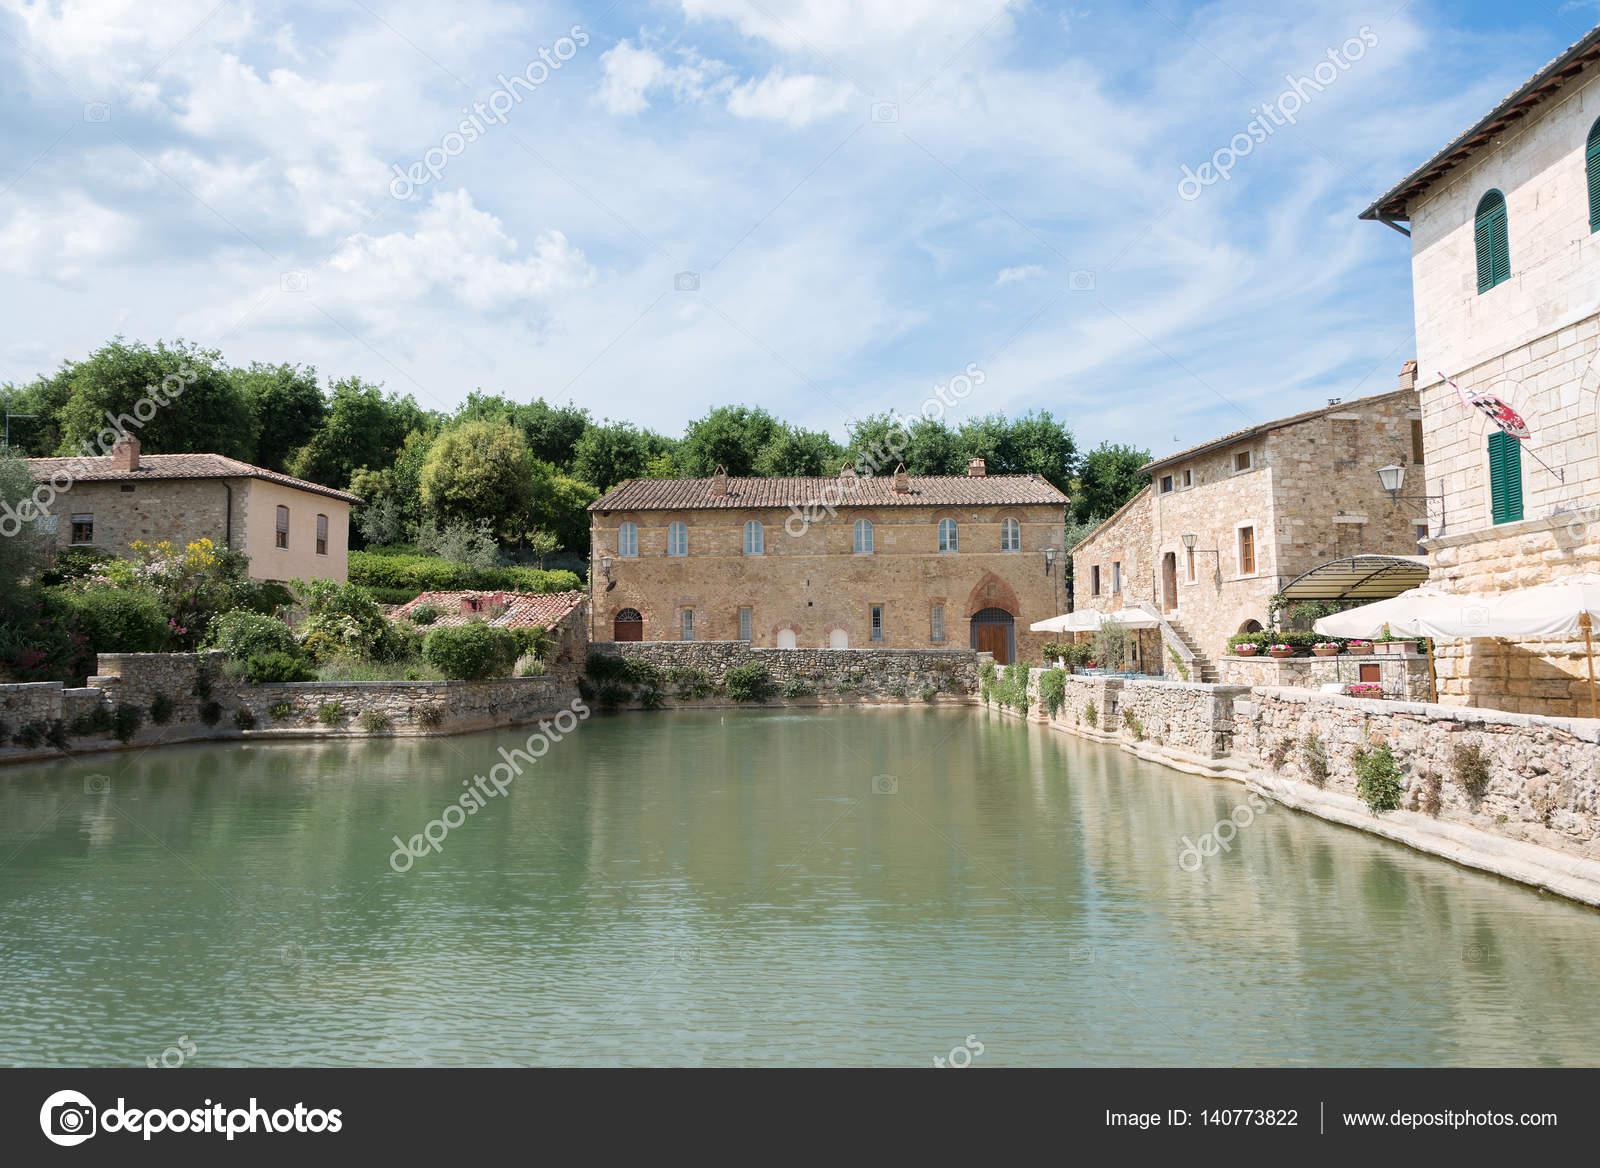 Bagno vignoni hot spring bath u2014 foto stock © pljvv1 #140773822